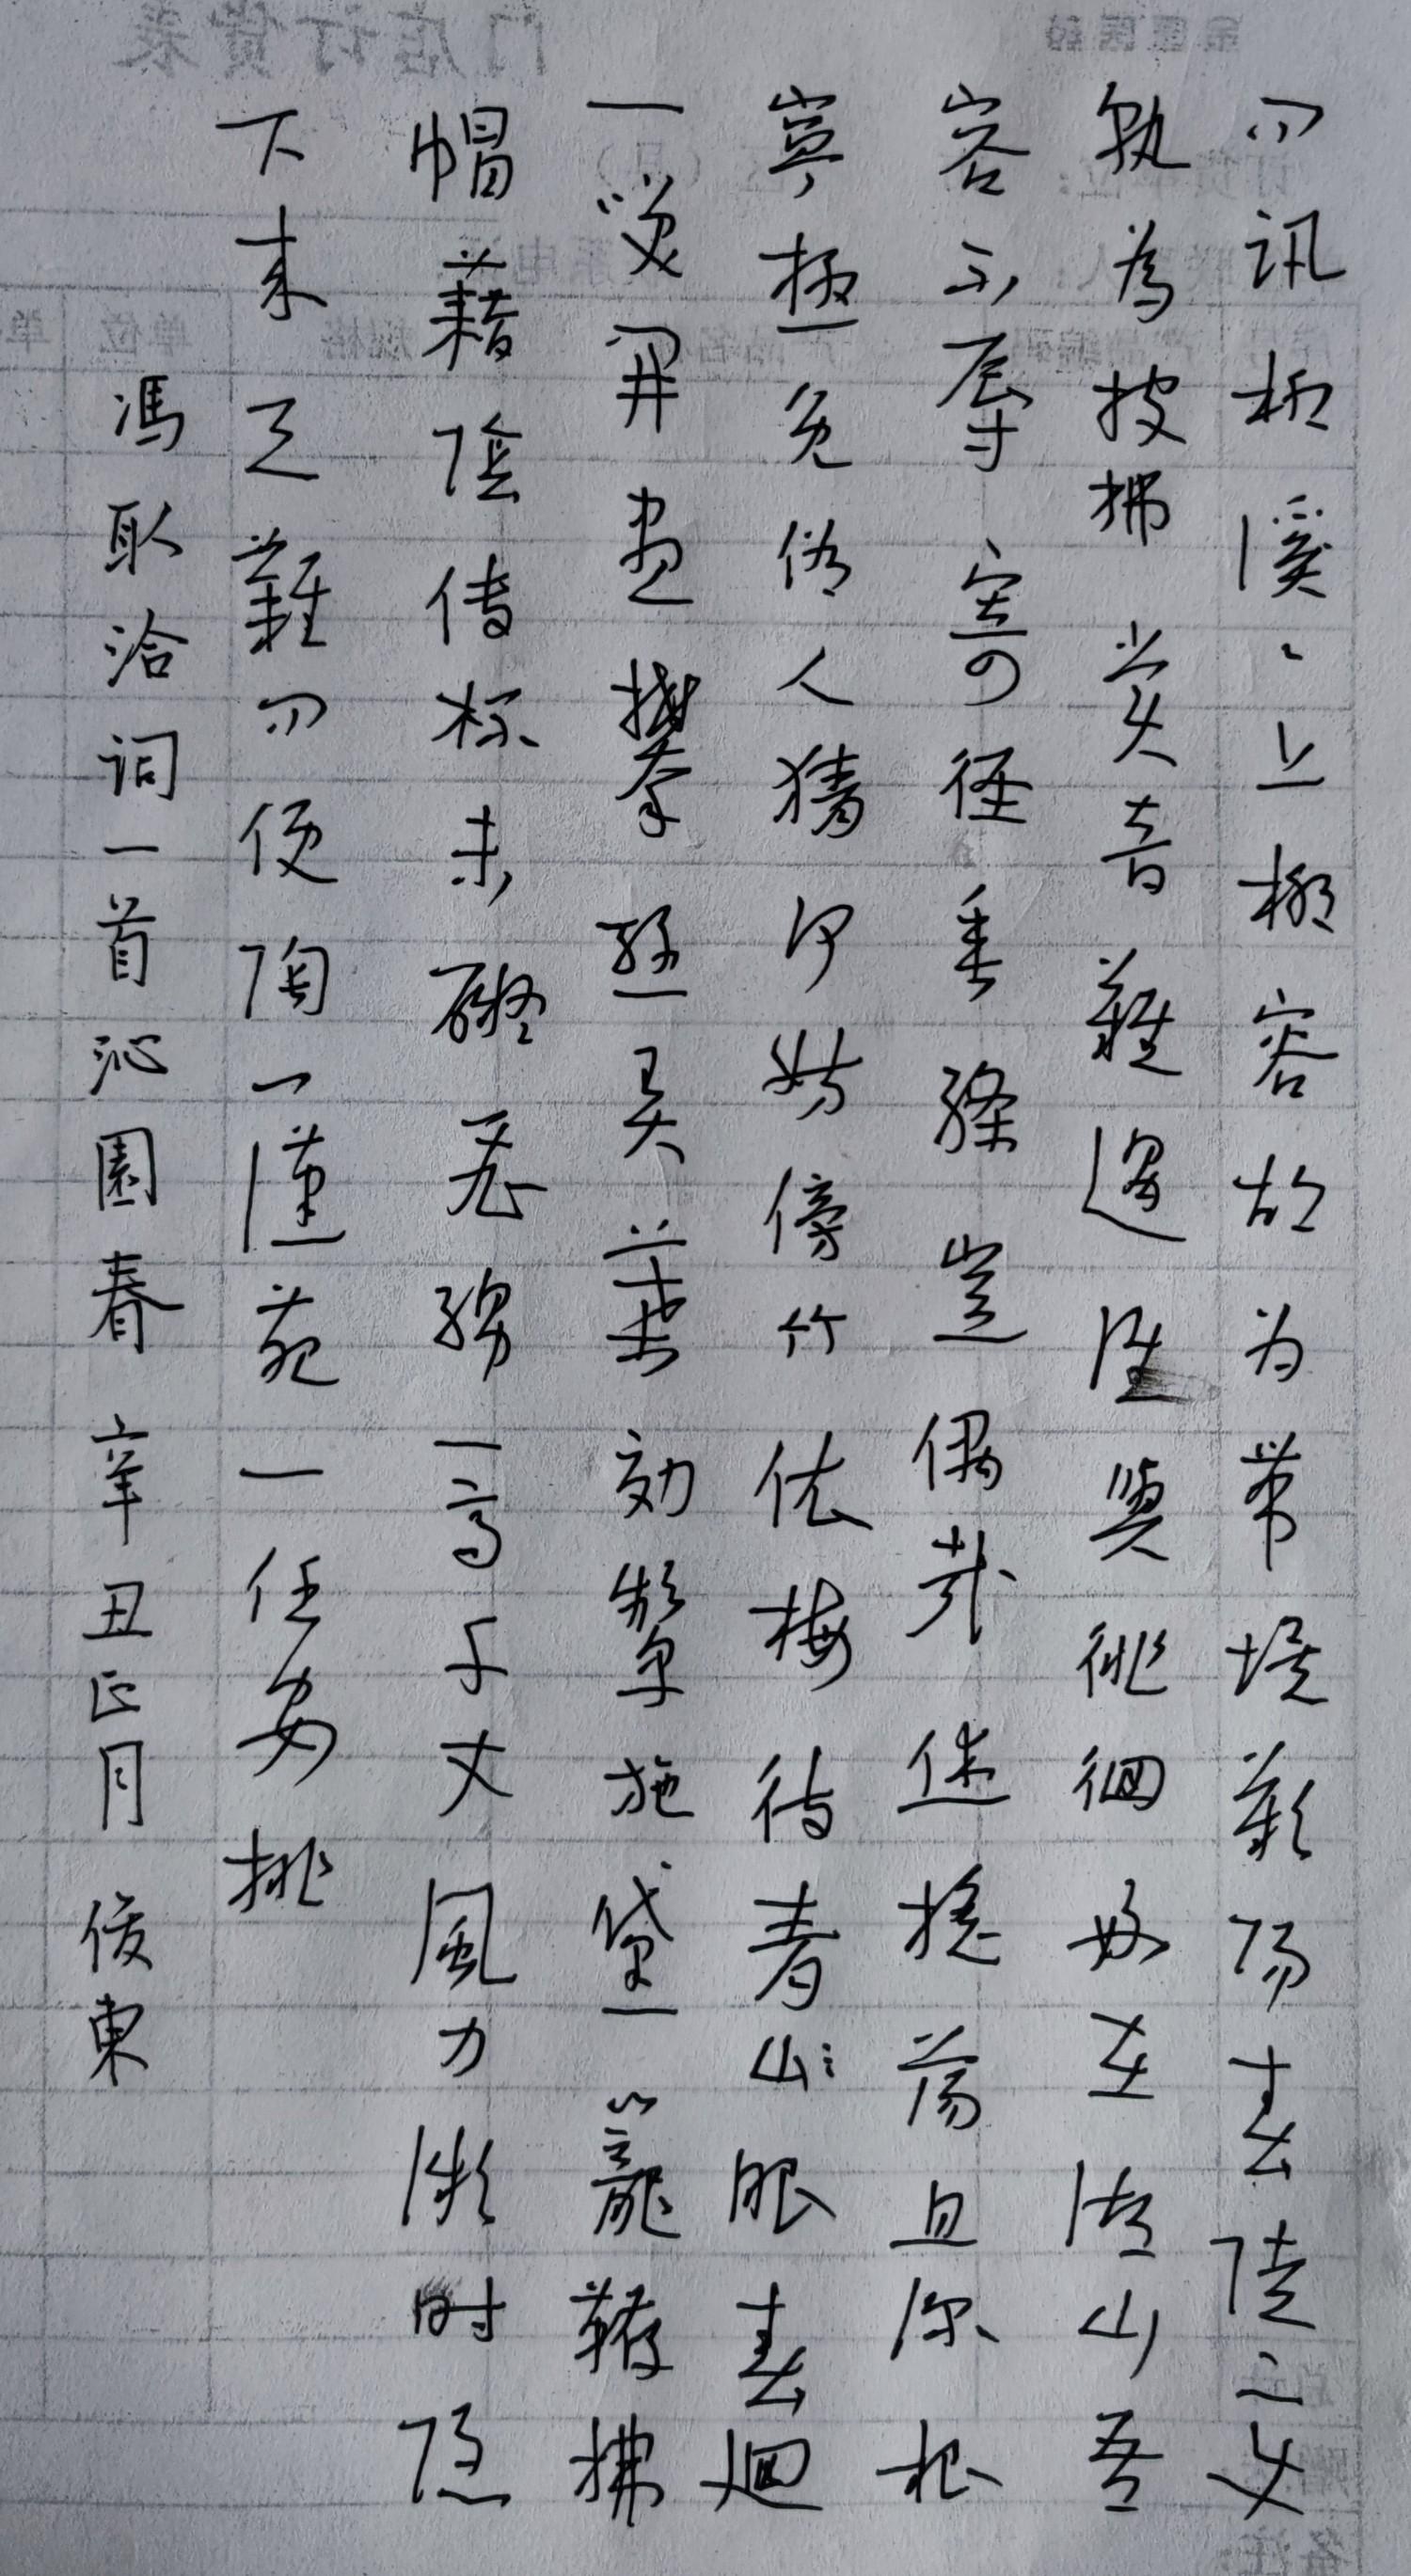 钢笔爱好者练字打卡20210302-06